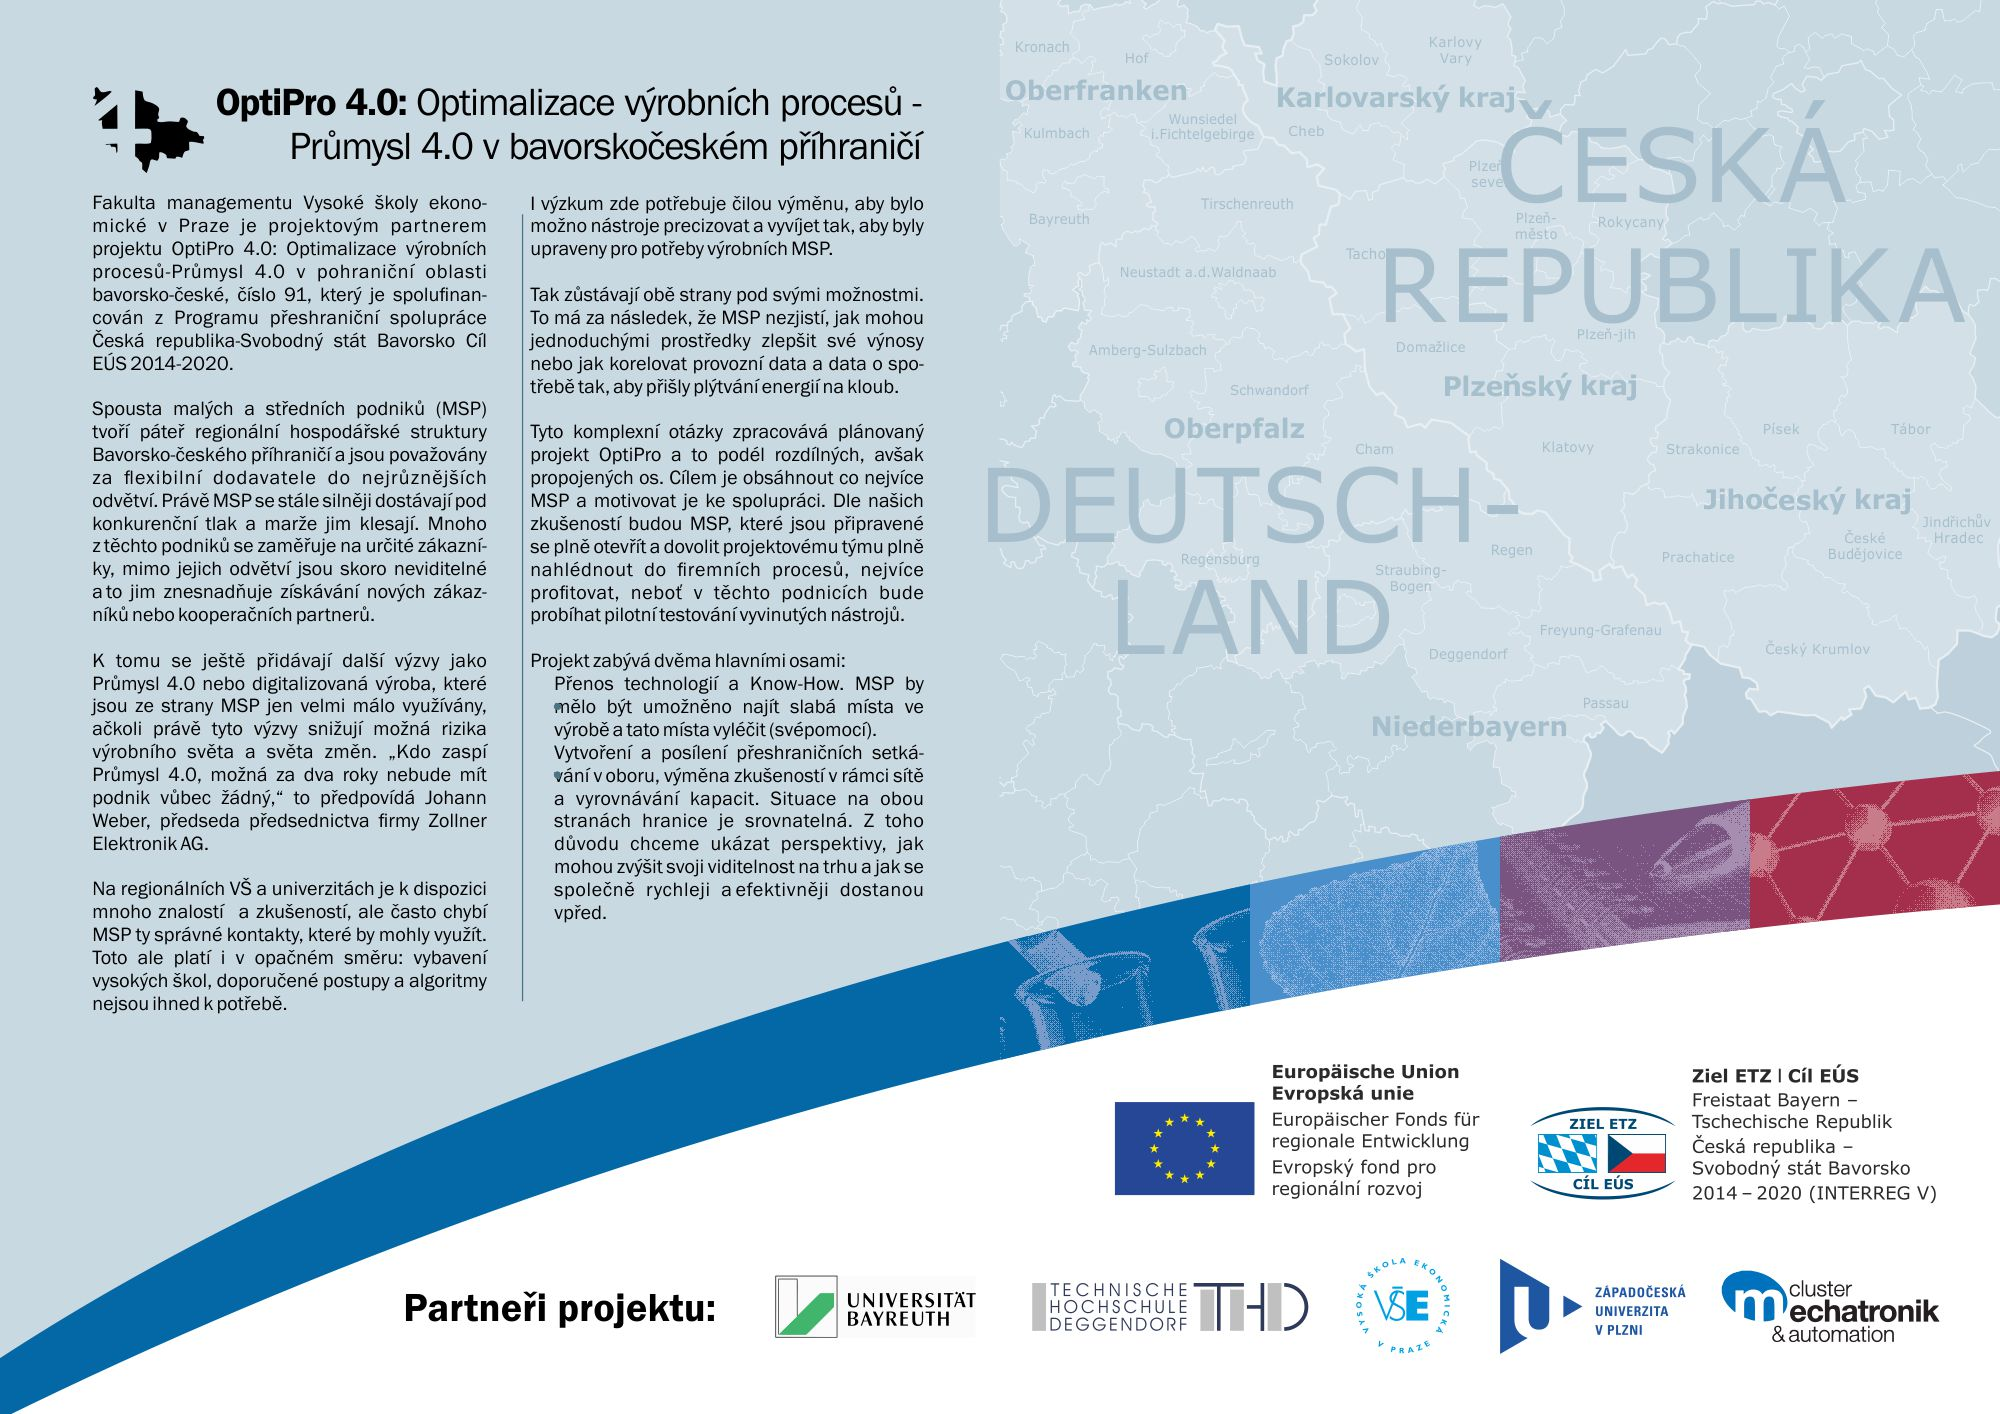 OptiPro 4.0: Optimalizace výrobních procesů-Průmysl 4.0 v pohraniční oblasti bavorsko-české